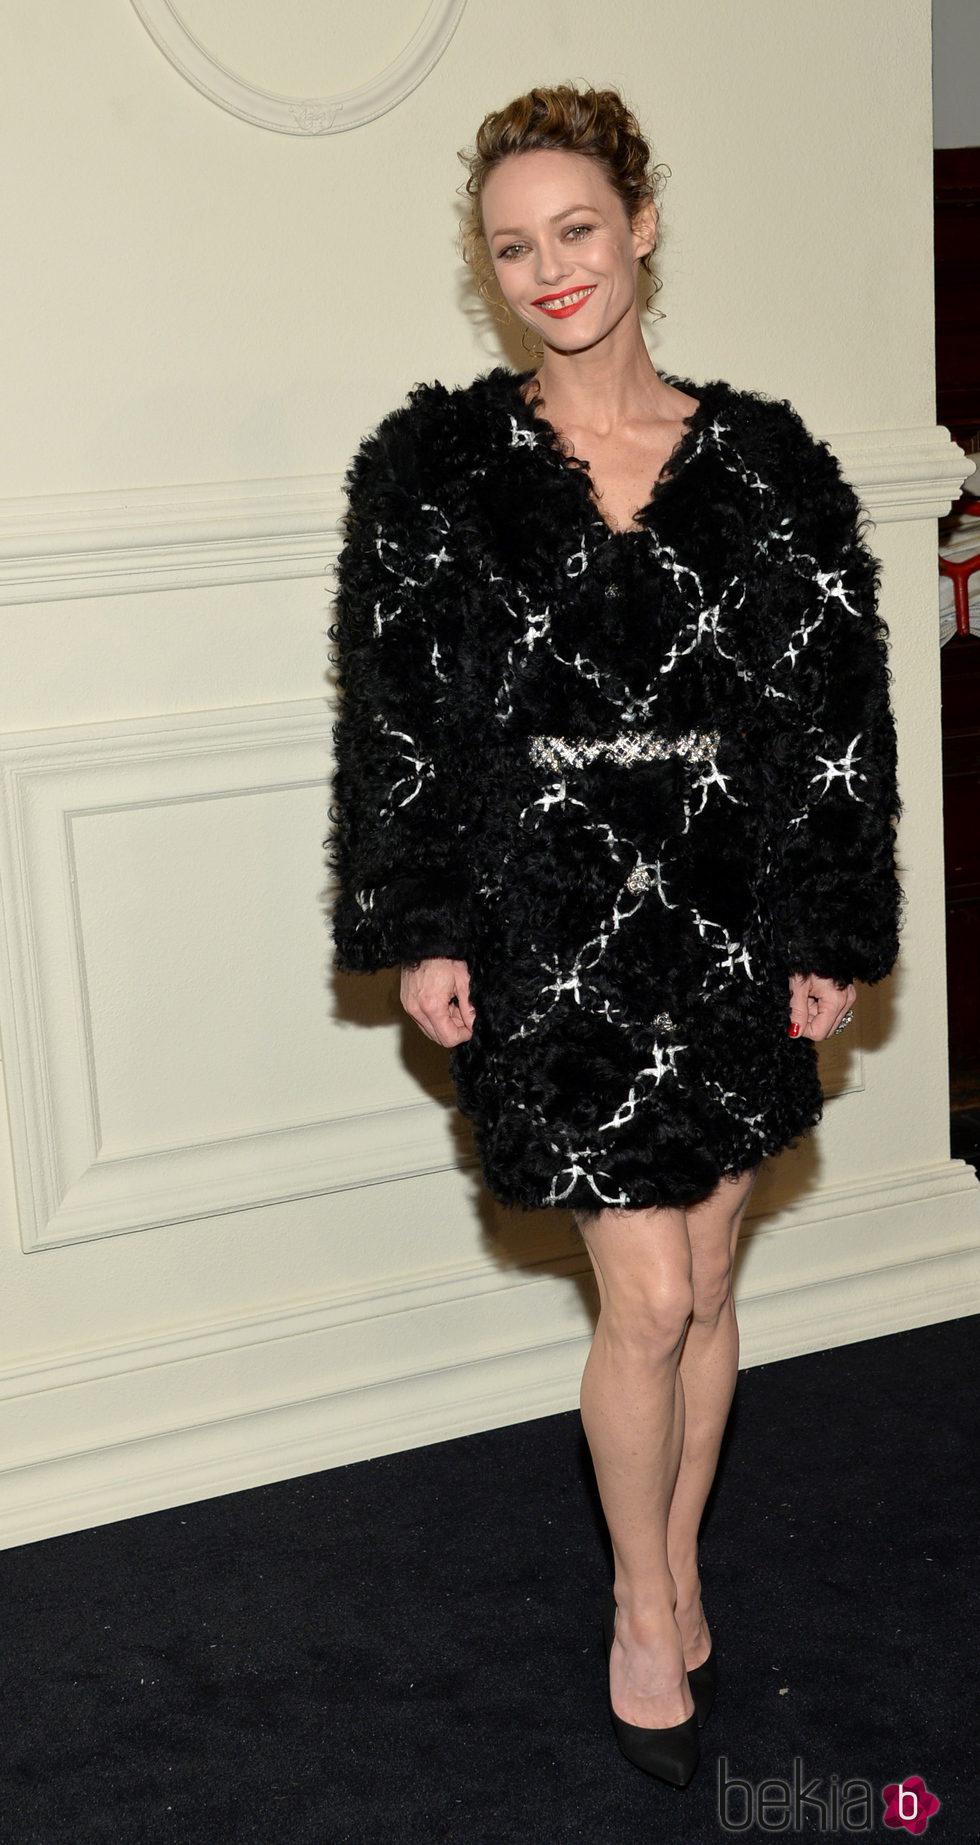 Vanessa Paradis en la presentación en Nueva York de la colección de Chanel París-Salzburgo 2014/15